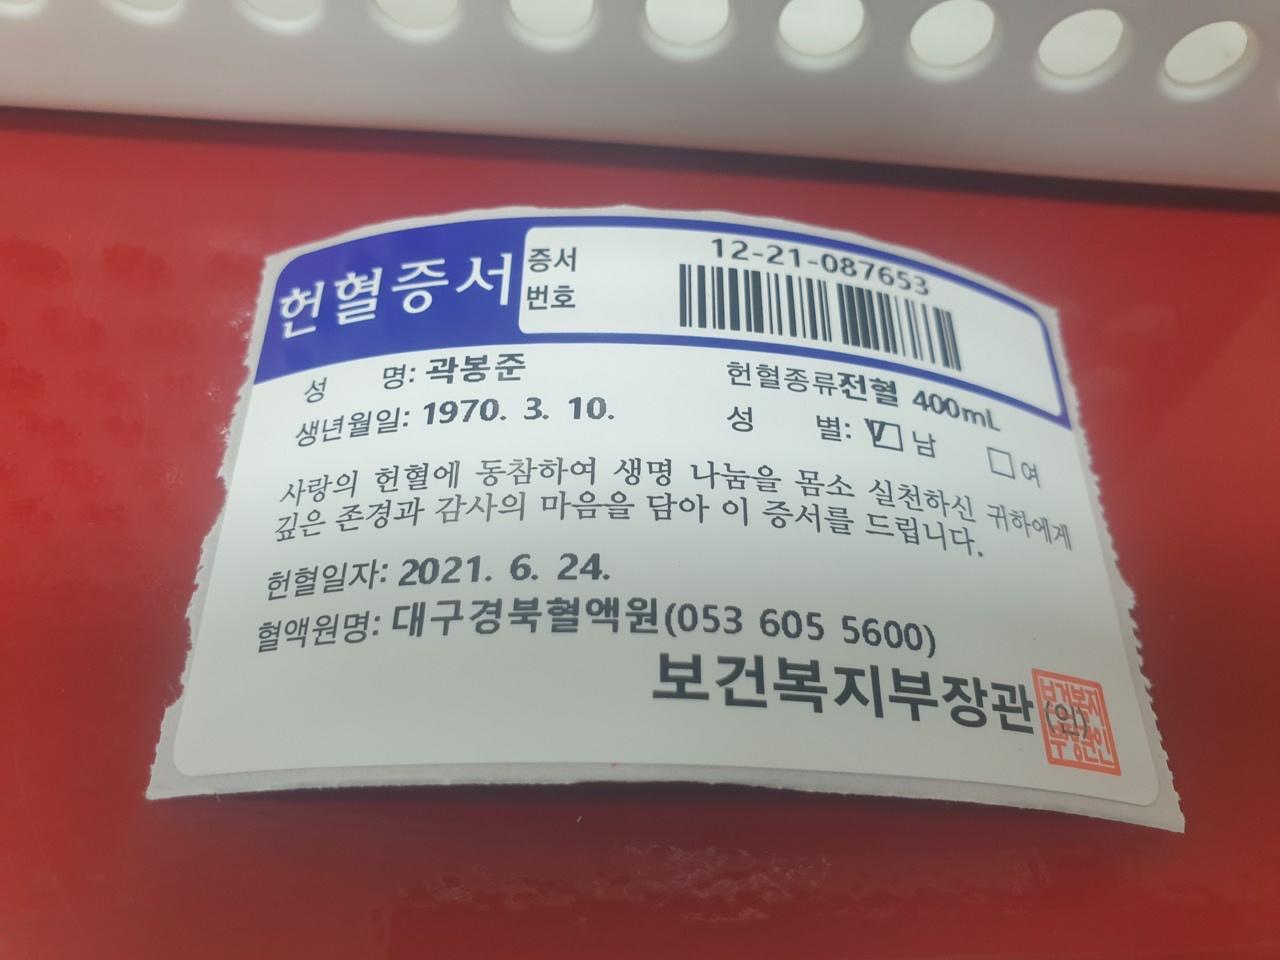 e9966aa8d28b7cf6450a00ad2a690cb3_1630889732_6323.jpg